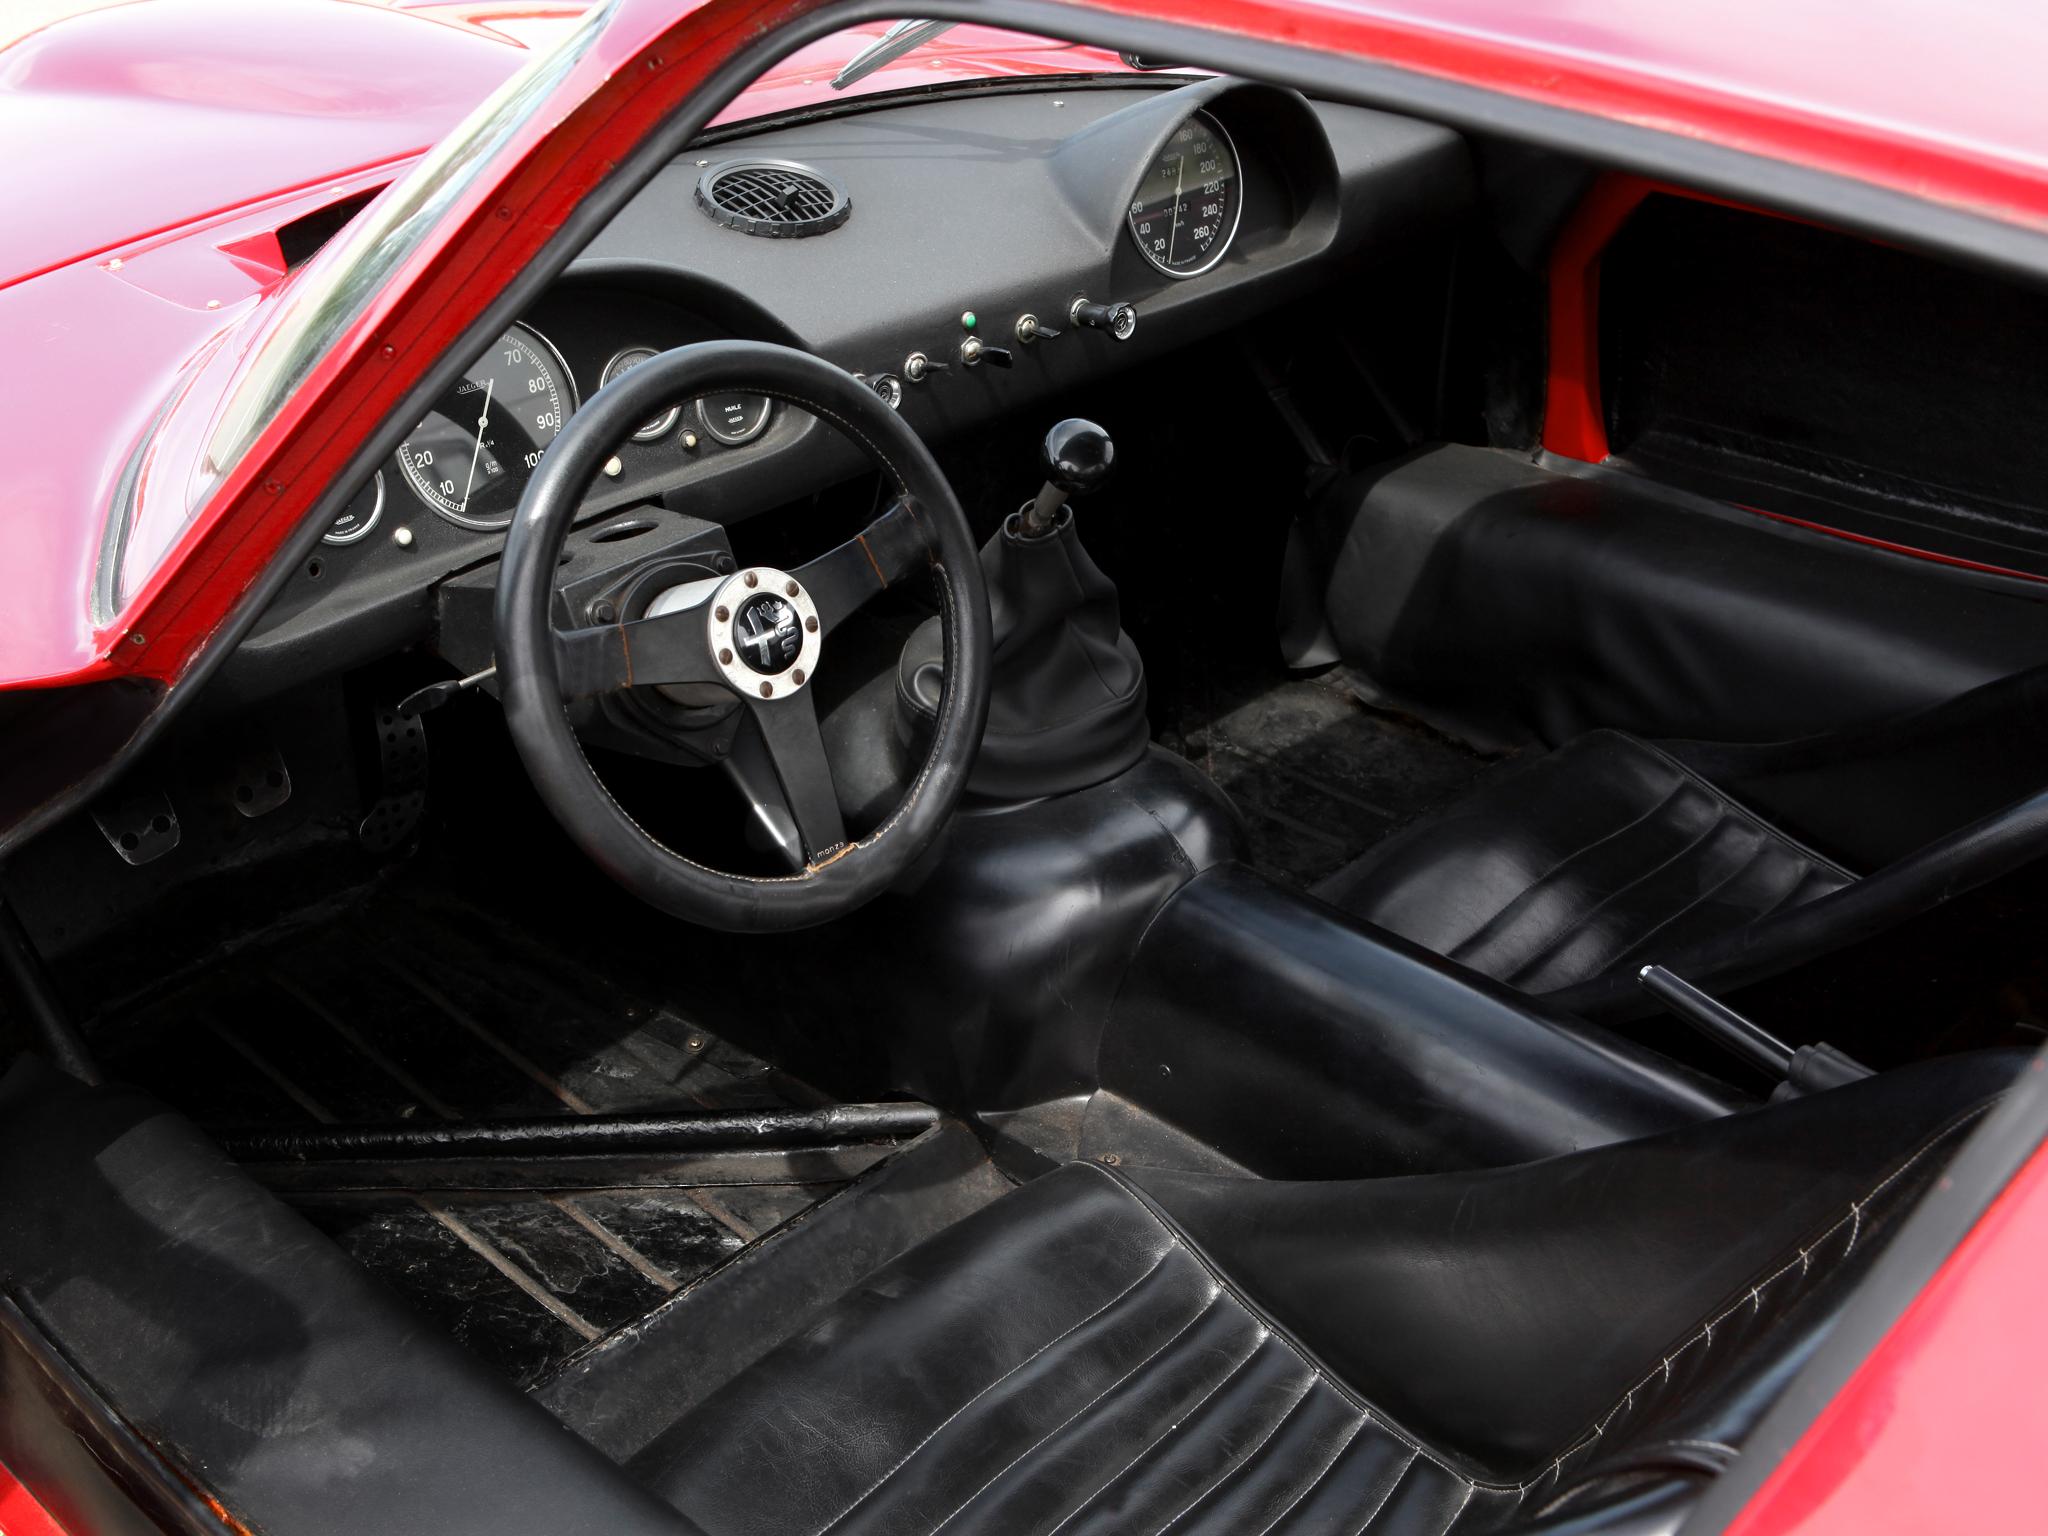 1965 Alfa Romeo Giulia Tz2 105 Race Racing Supercar Classic Interior G Wallpaper 2048x1536